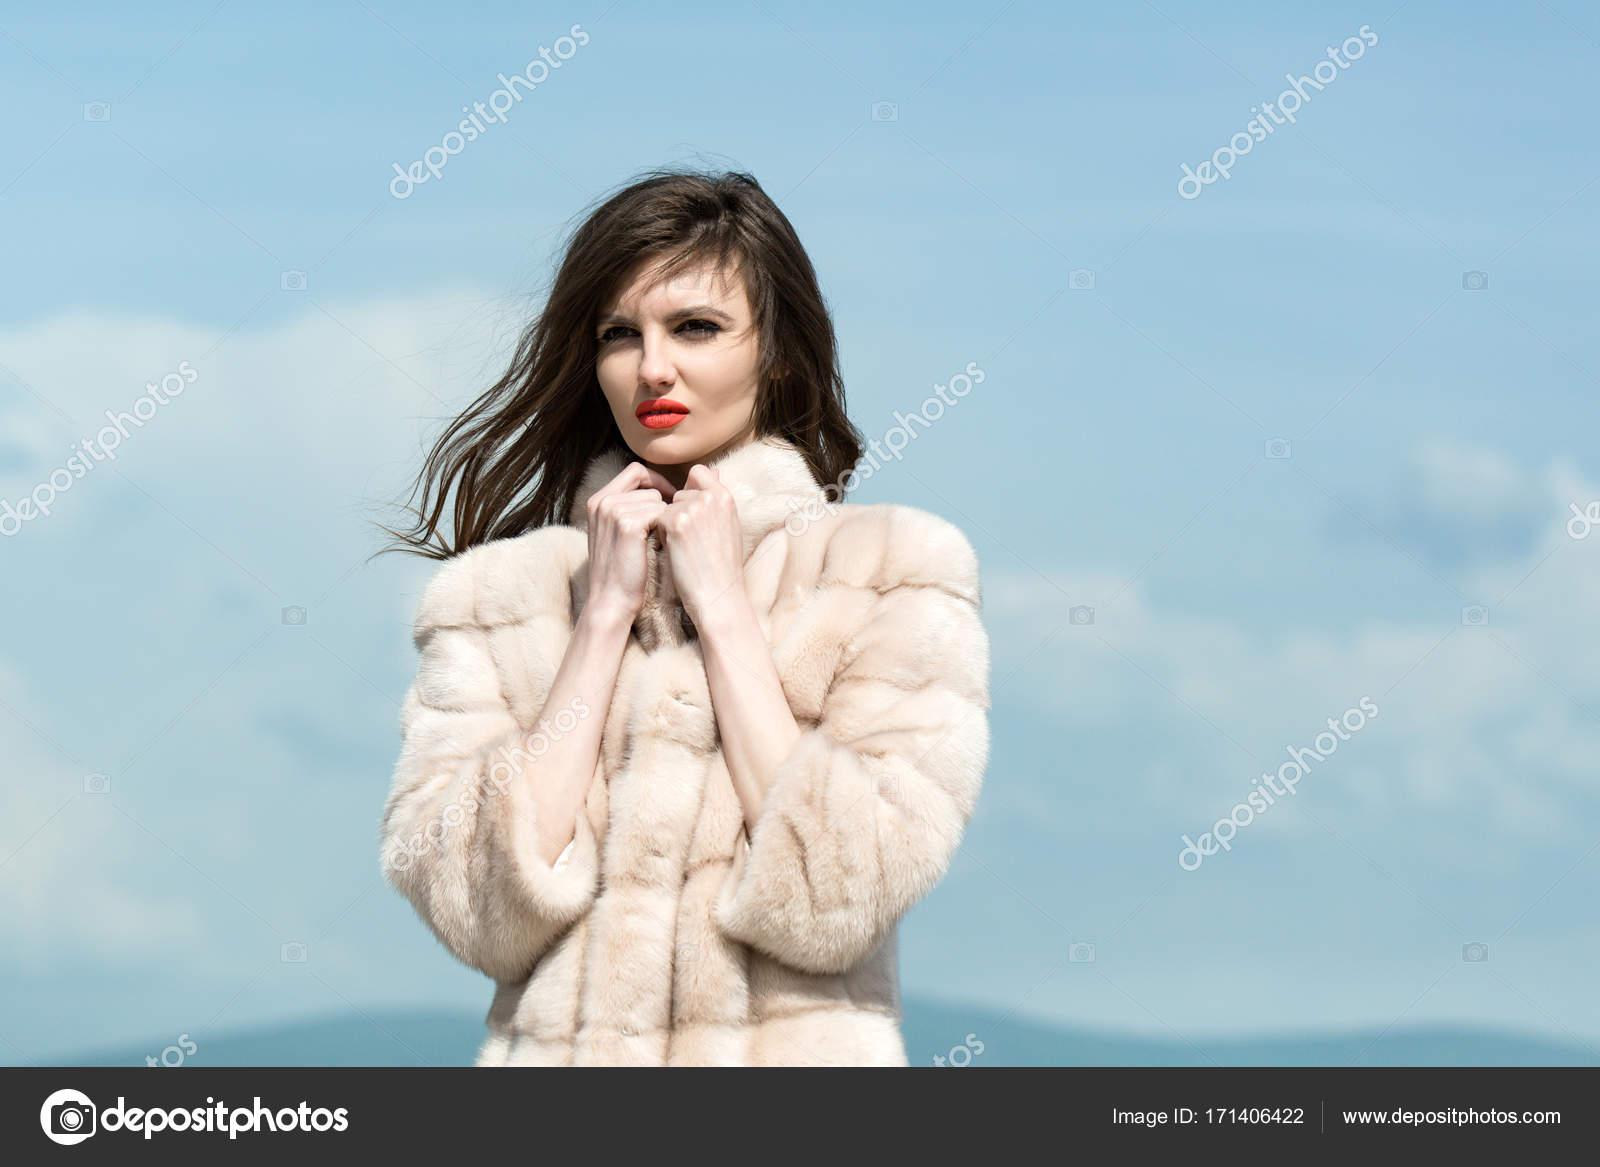 Ragazza in cappotto di pelliccia alla moda in inverno. Donna con capelli  lunghi del brunette e labbra rosse in cappotto. Modello di modo sul fondo  del cielo ... b00a651aaef